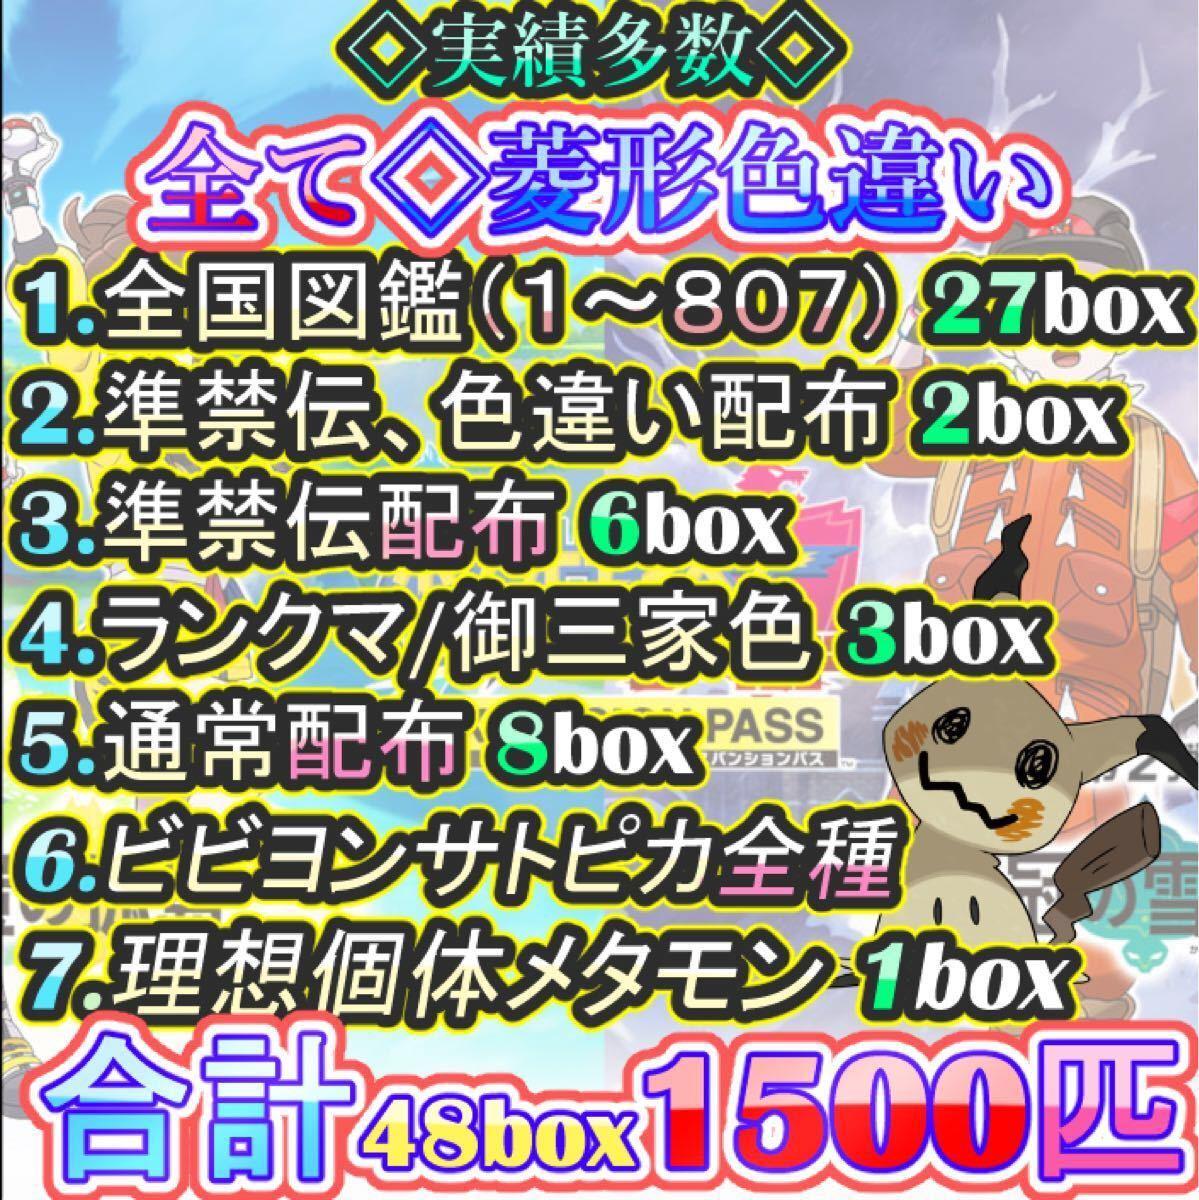 【最安値】ポケットモンスター ウルトラサン/ウルトラムーン 剣盾/ソードシールド